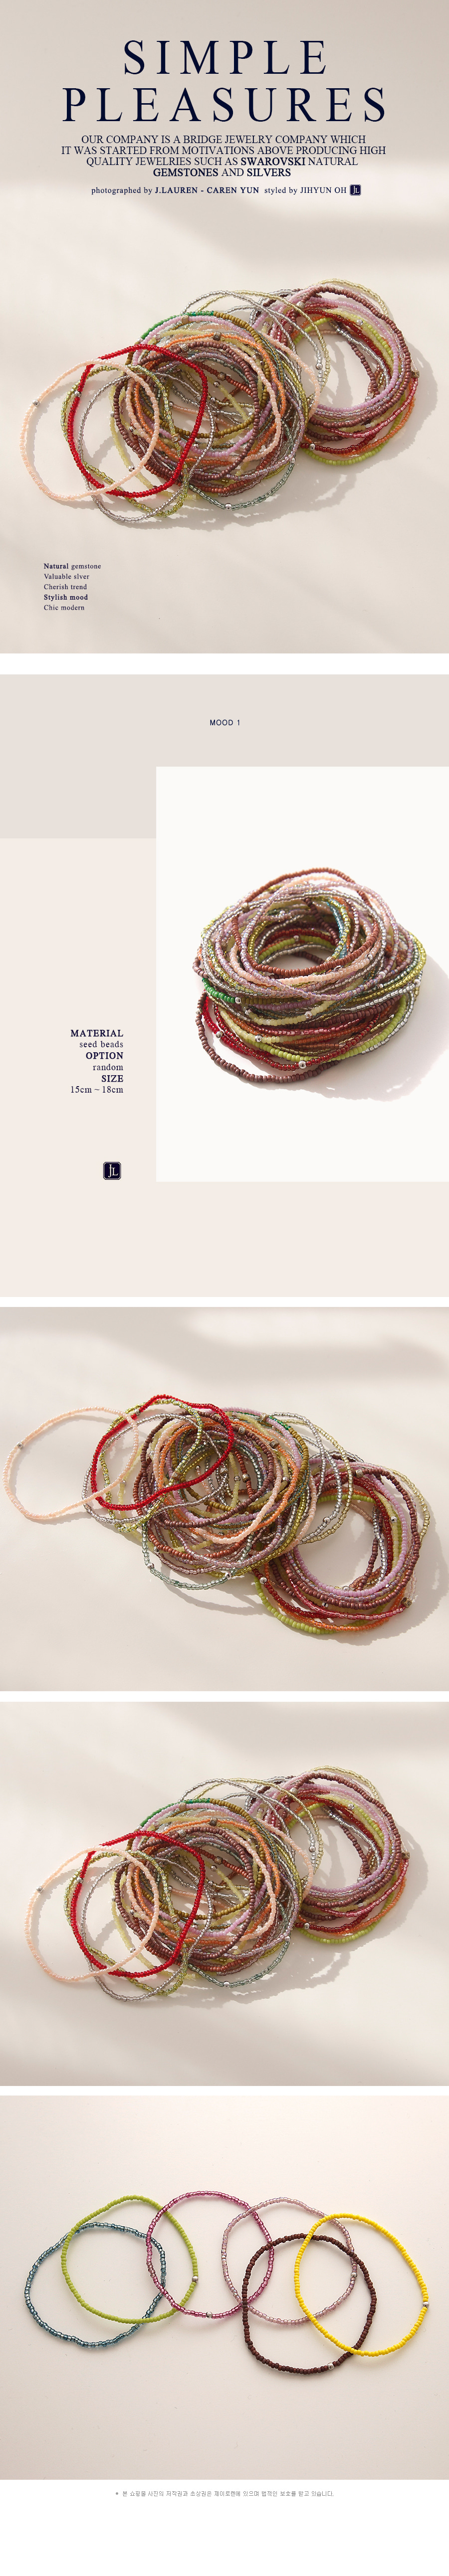 제이로렌 B0900 컬러 믹스 비즈 우레탄 팔찌 - 바이데이지, 5,900원, 팔찌, 패션팔찌